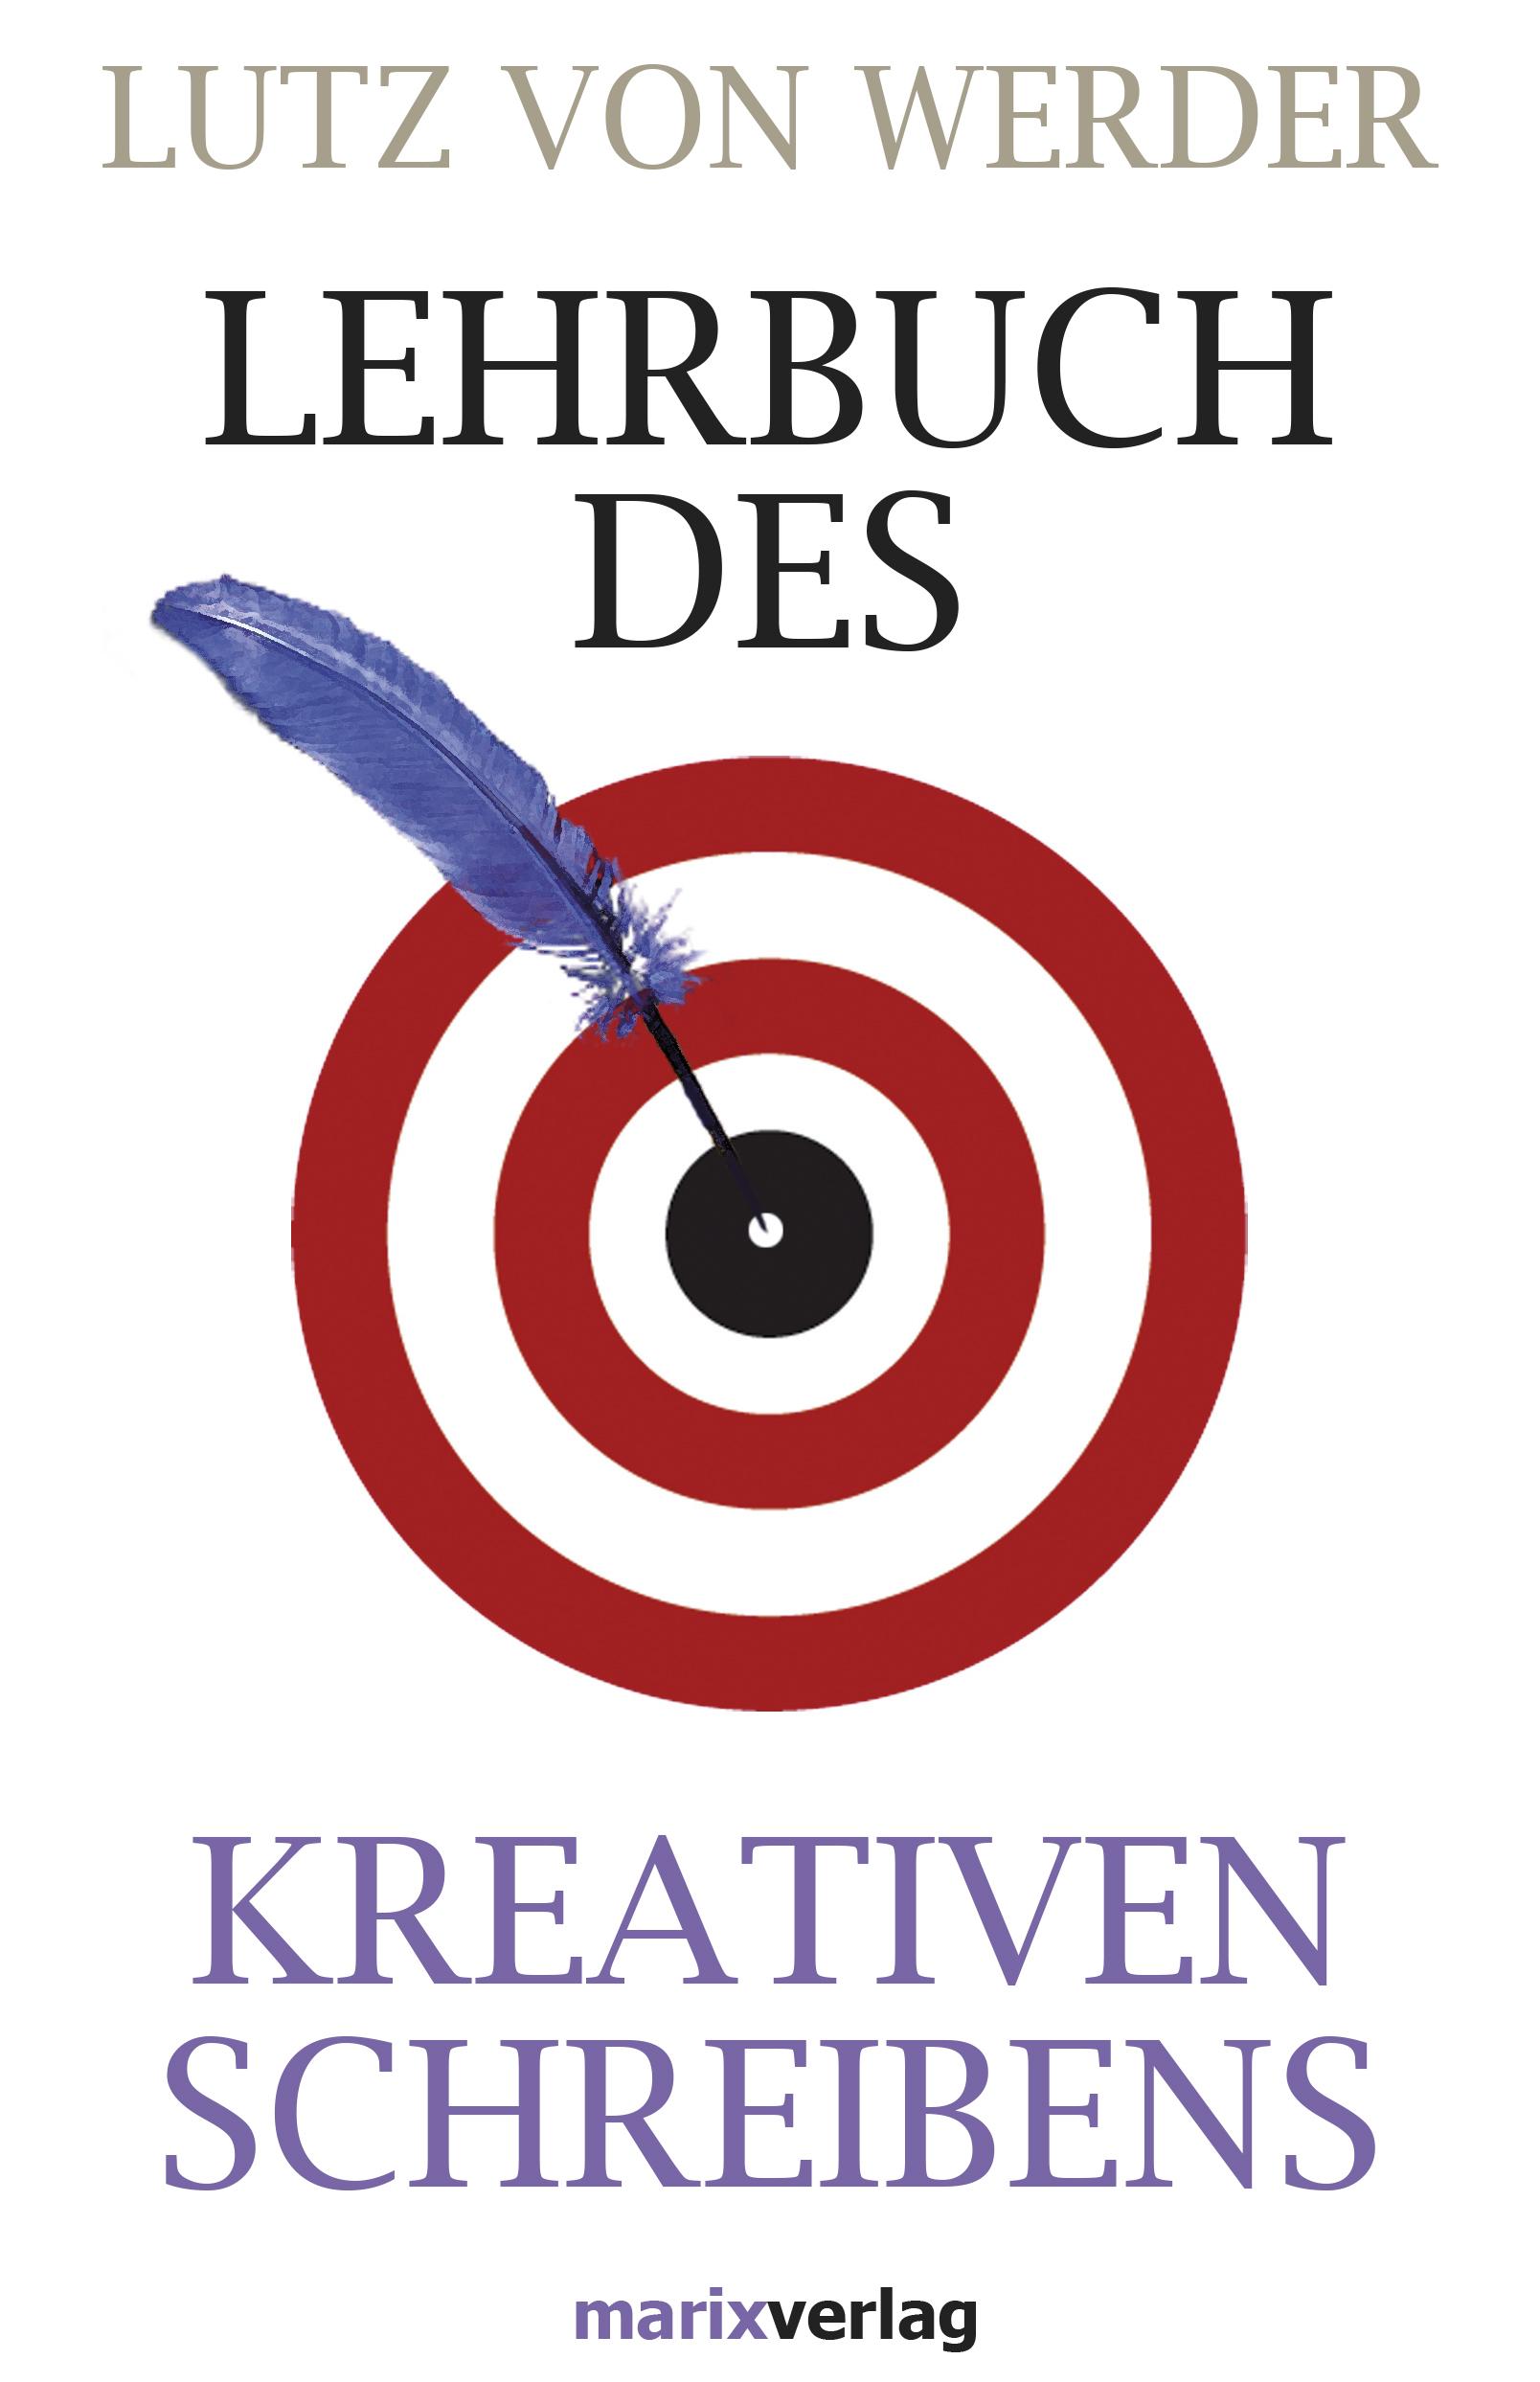 цены Lutz von Werder Lehrbuch des Kreativen Schreibens